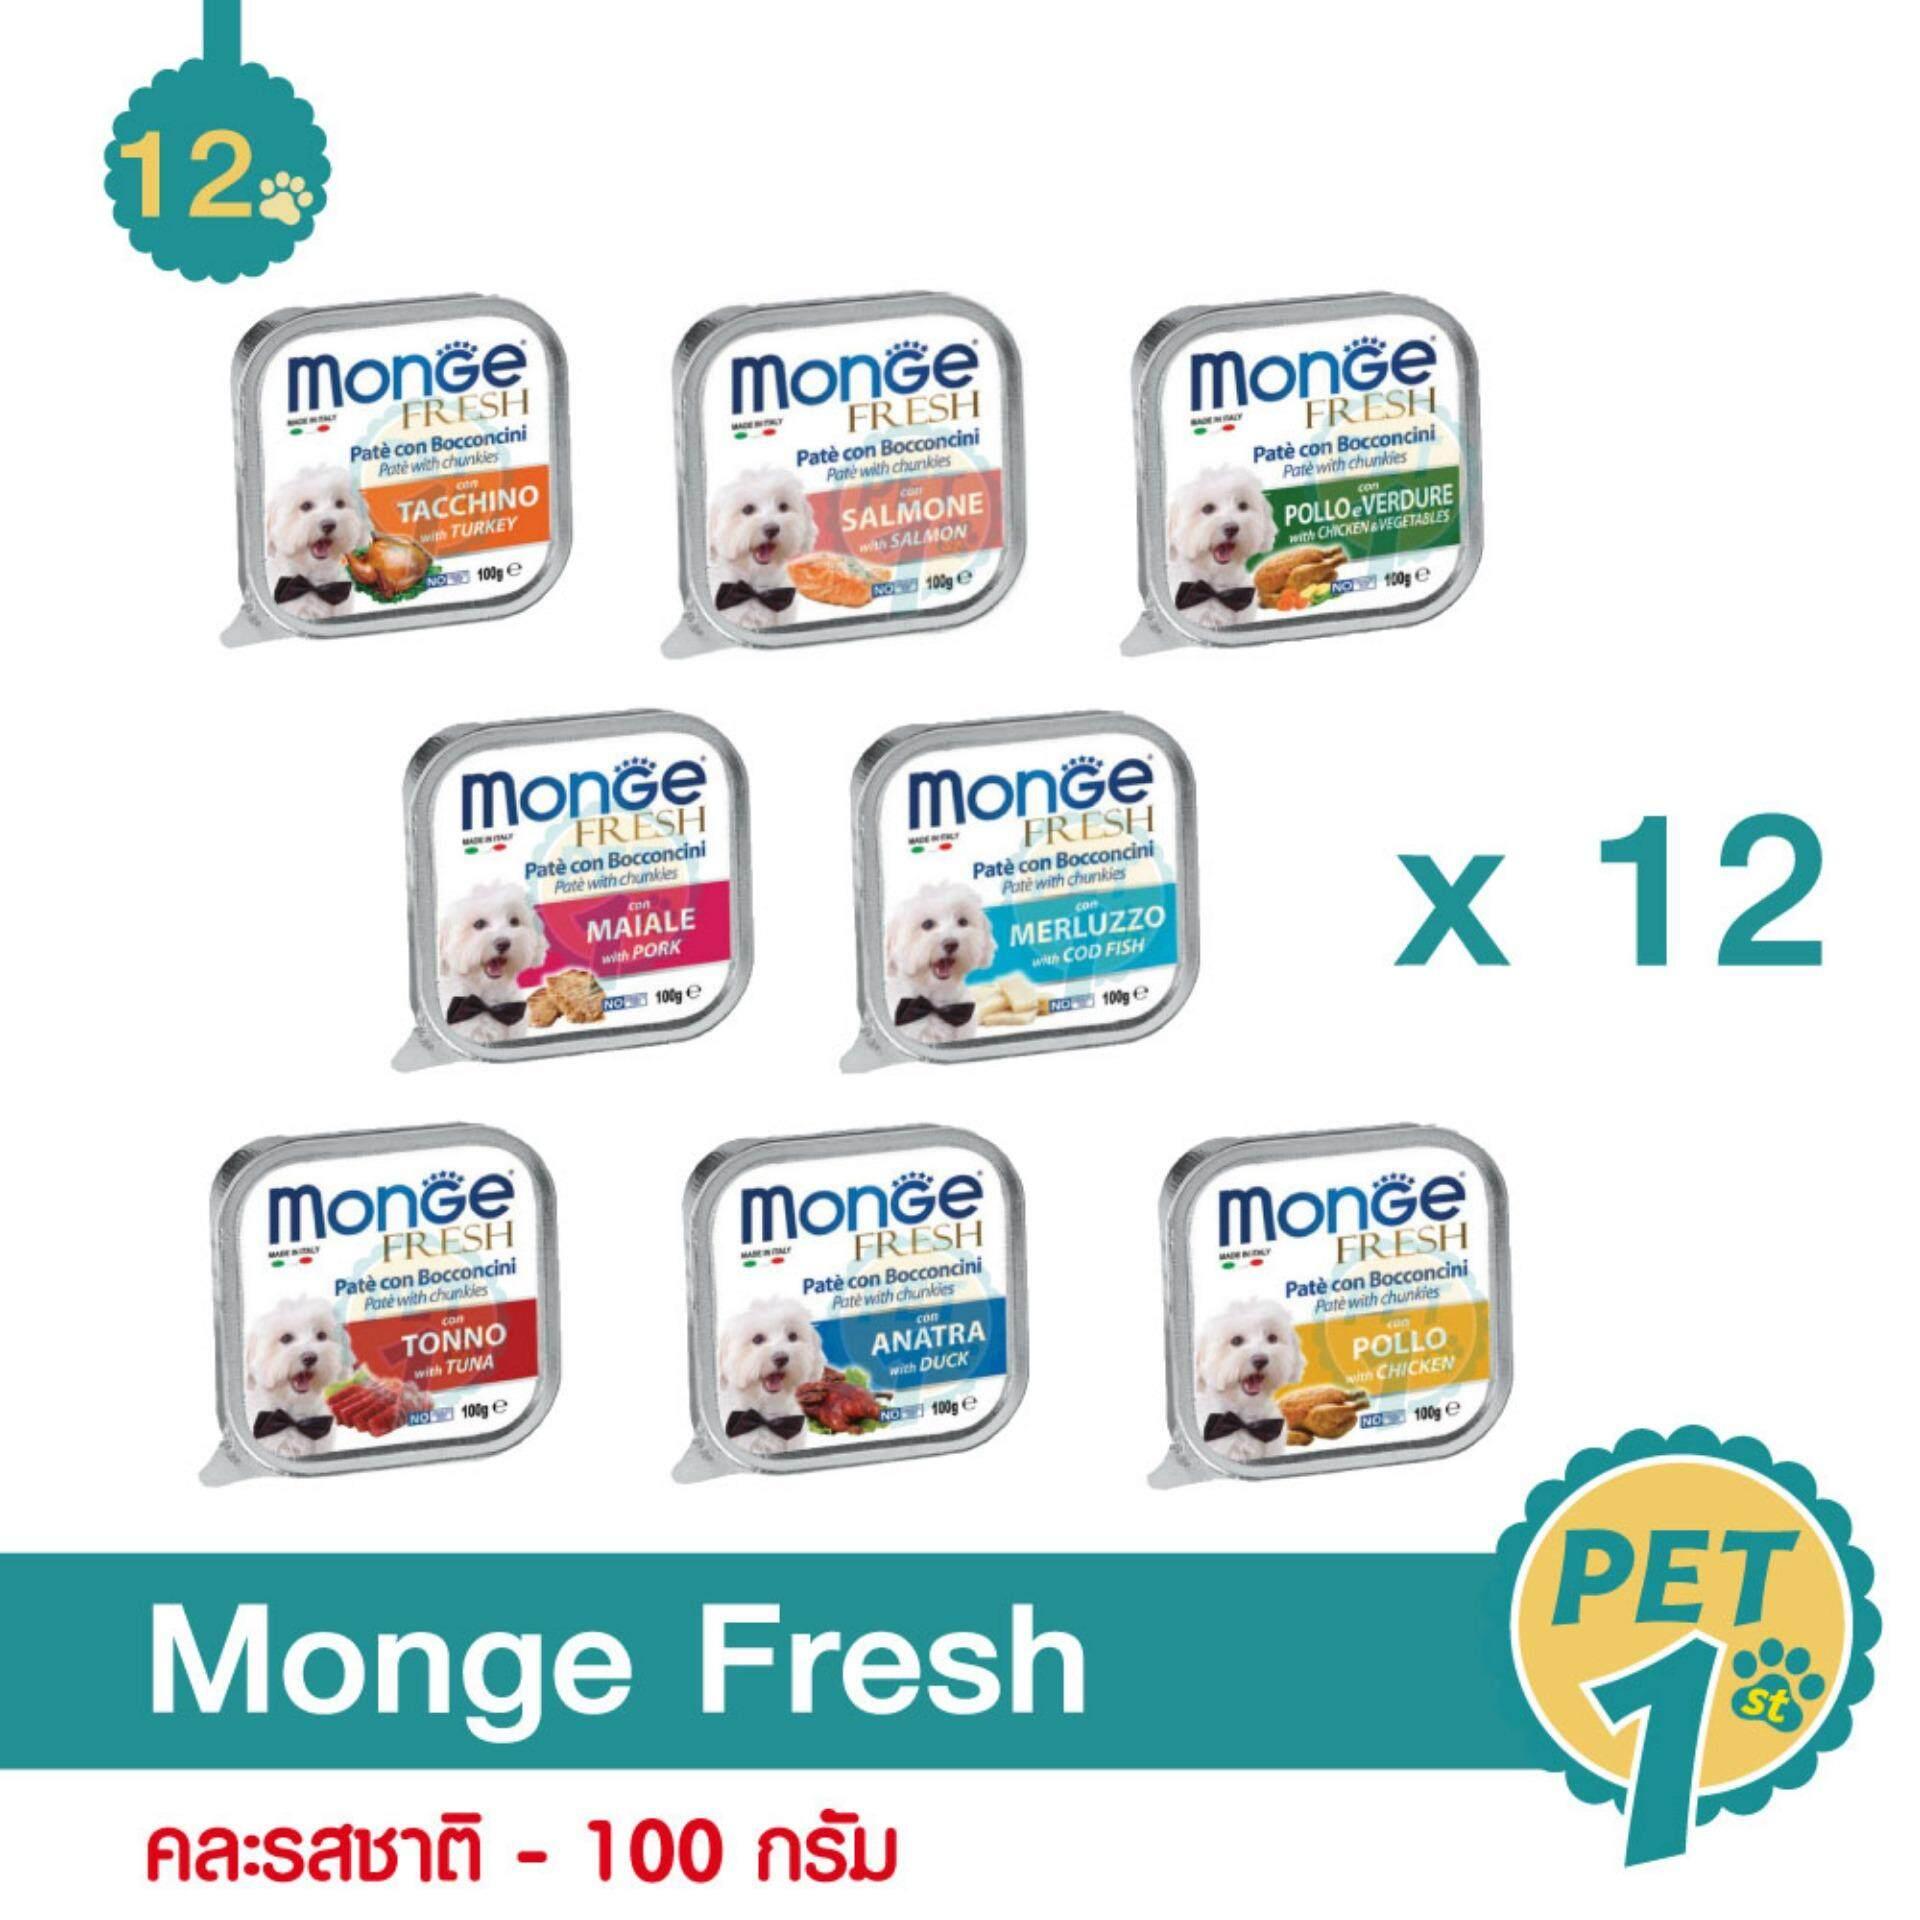 Monge Fresh อาหารเปียกสุนัข คละรสชาติ 100 กรัม/ถาด - 12 ถาด.